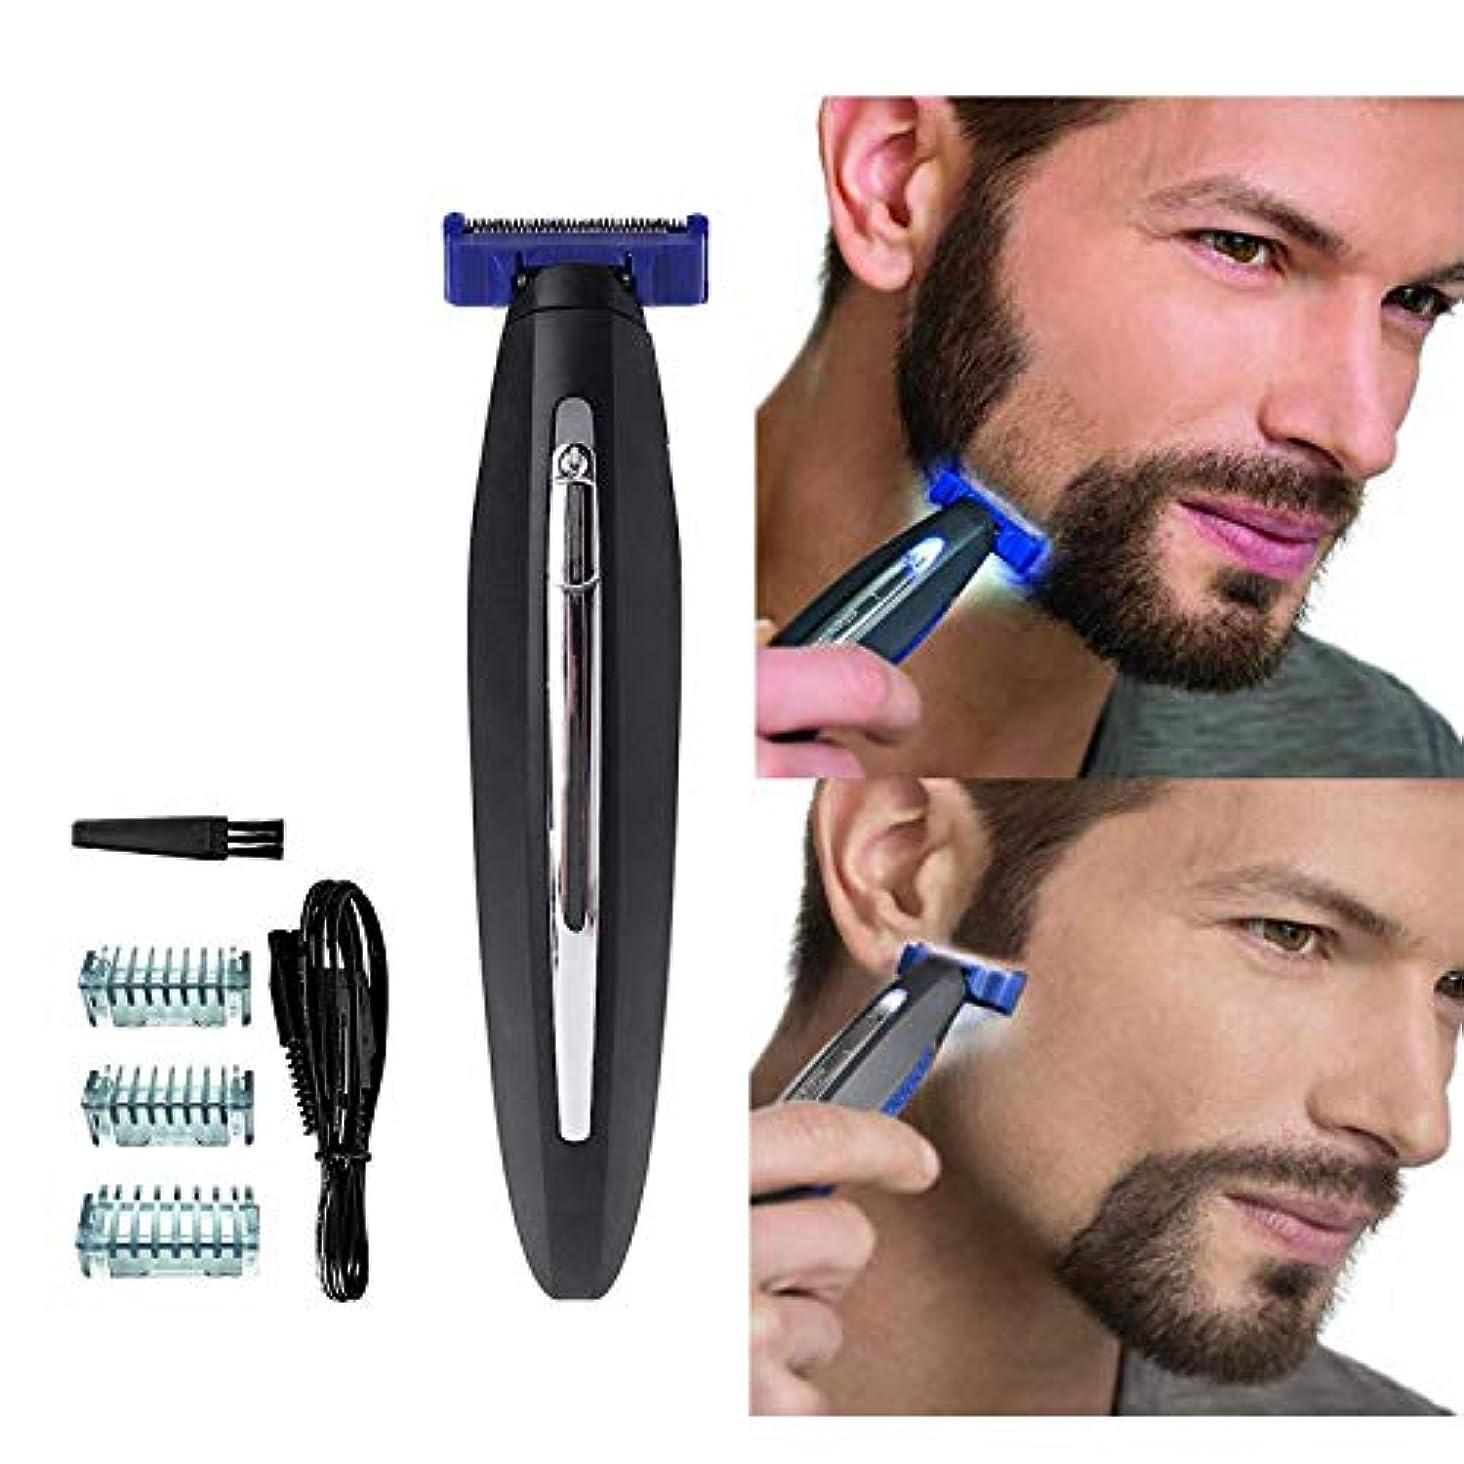 防腐剤モールス信号切り離す男性のための電気かみそり、髪のクリーニングシェーバートリマーと防水スマートかみそり、男性のための眉毛のひげのフェイシャルとボディヘアーのための毛の除去剤, black